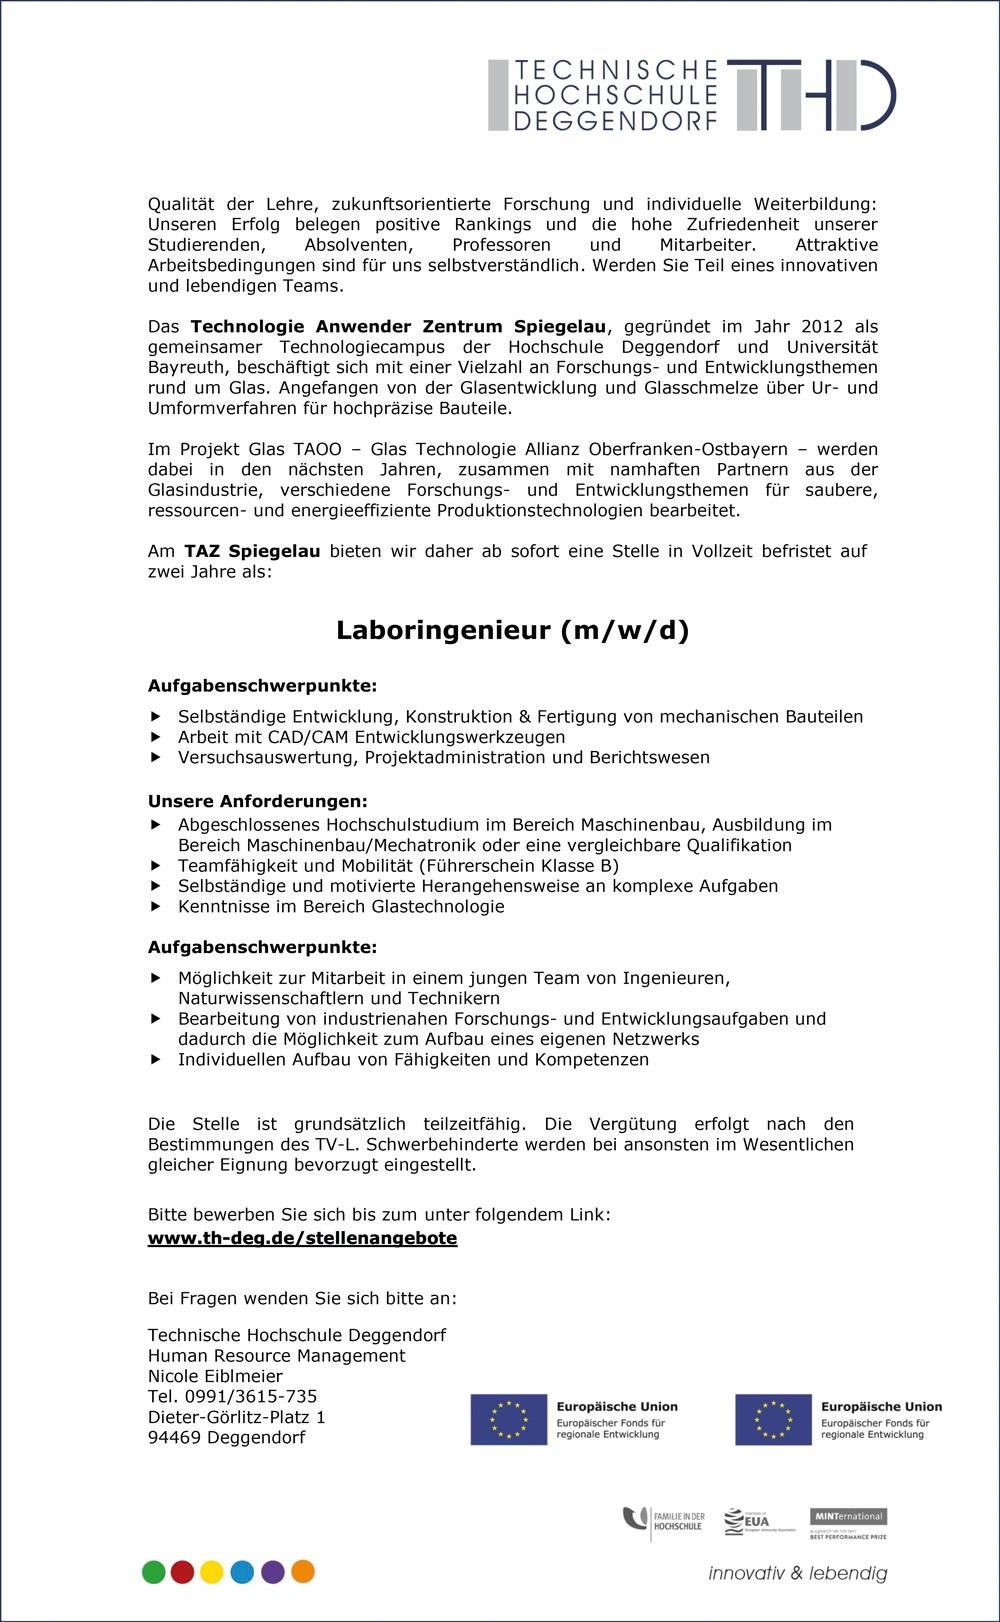 Laboringenieur m/w/d  am Technologie Anweder Zentrum Spiegelau - THD-Technische Hochschule Deggendorf - in Deggendorf - stellenecho.de